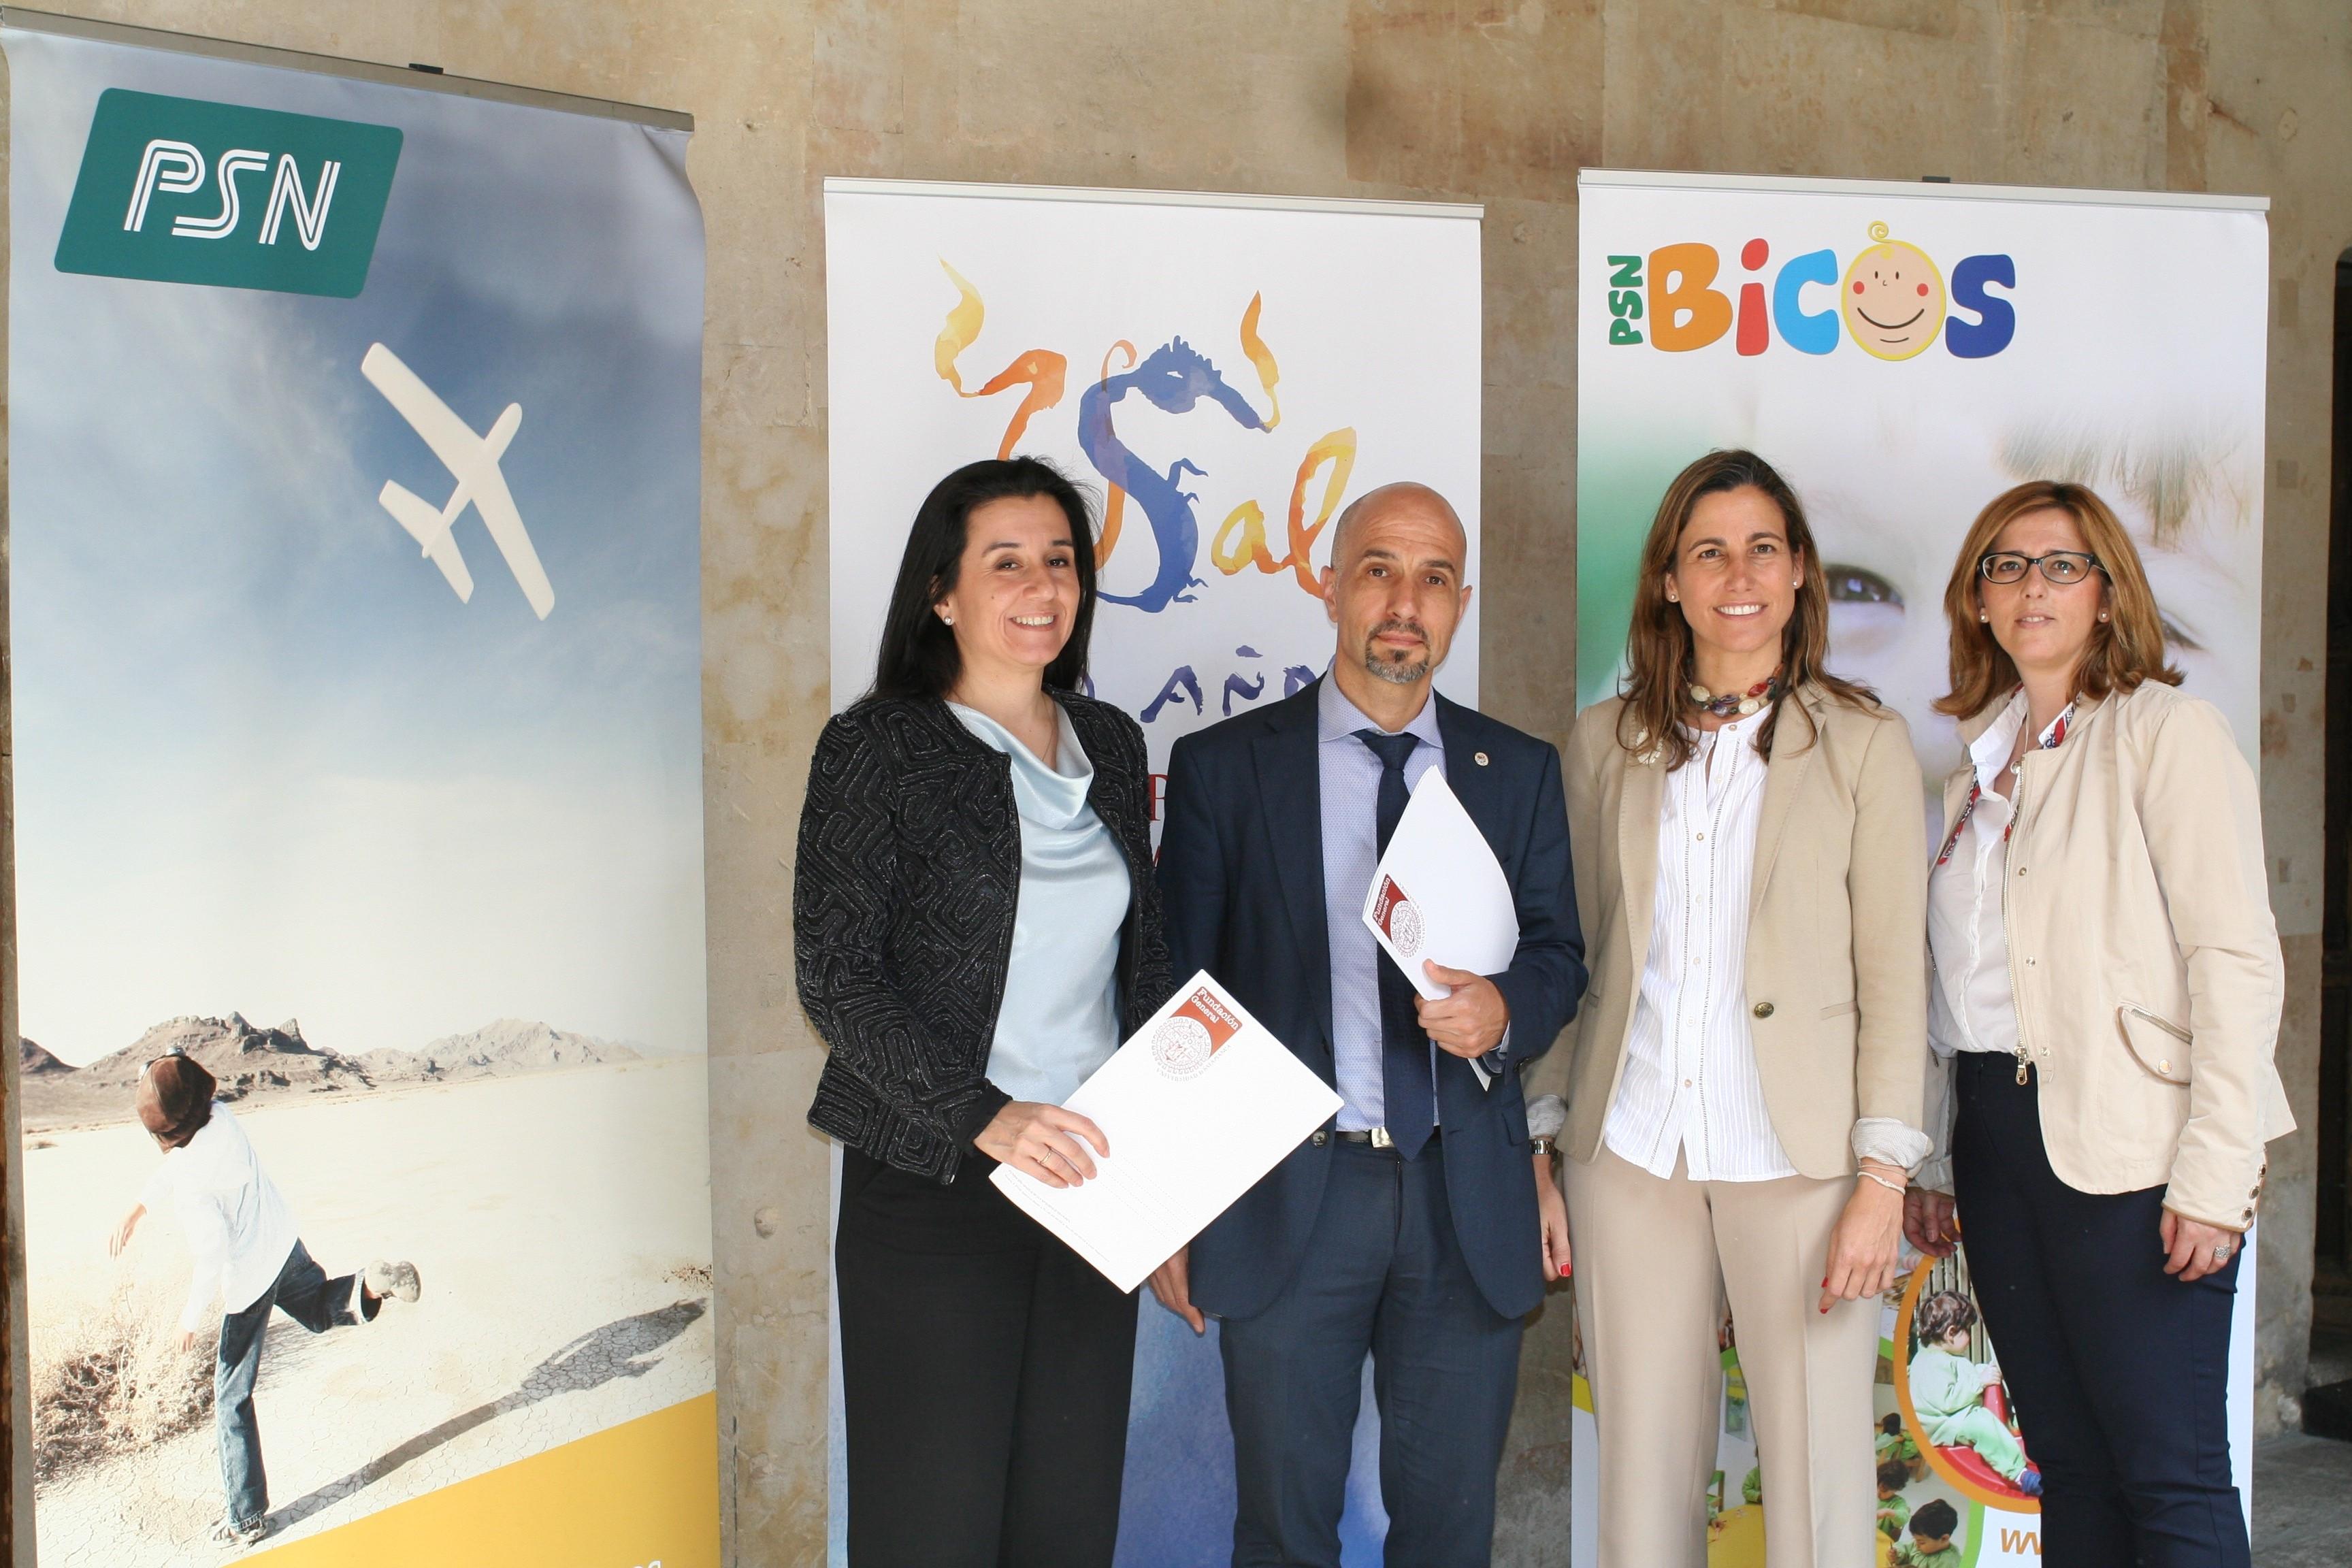 El Grupo PSN y la Escuela infantil PSN Bicos Salamanca se integran en el grupo de Empresas Amigas de la Universidad de Salamanca